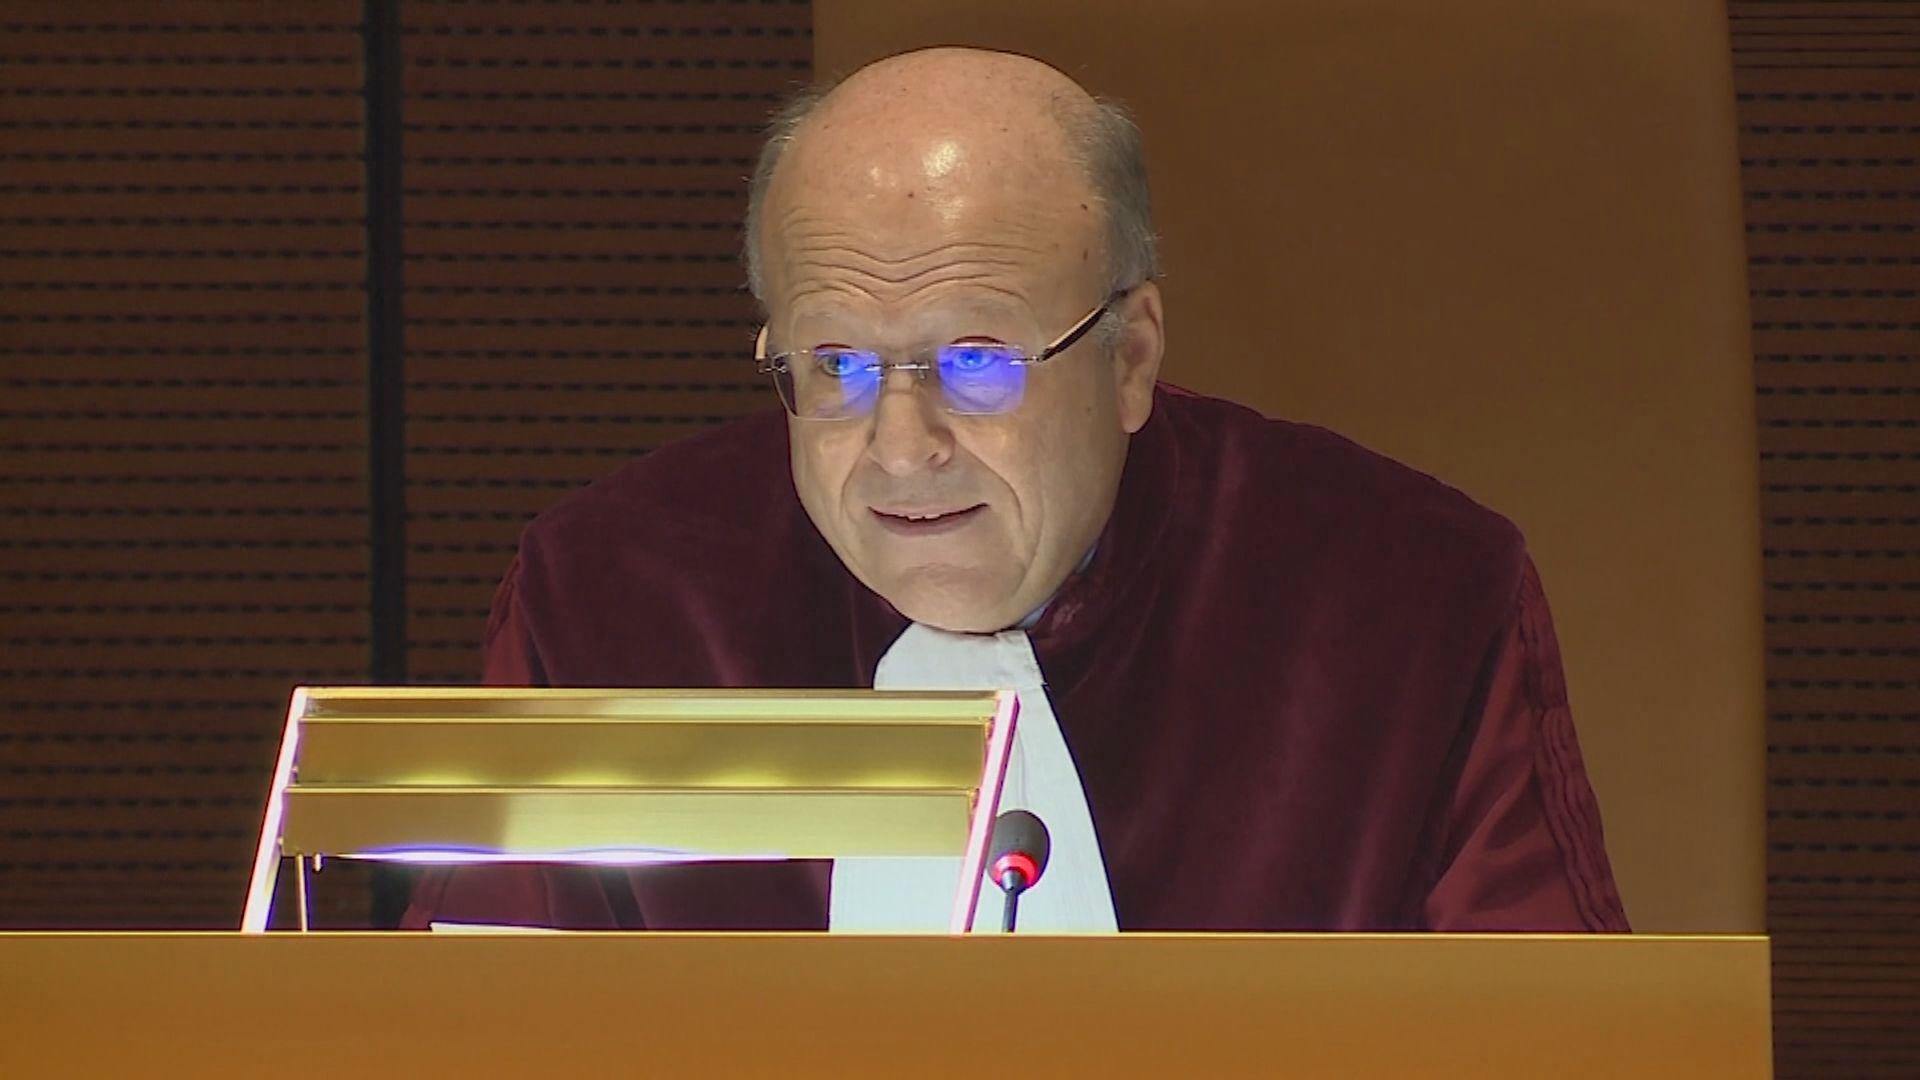 歐洲法庭裁定加泰獨派領袖享有歐洲議員豁免權